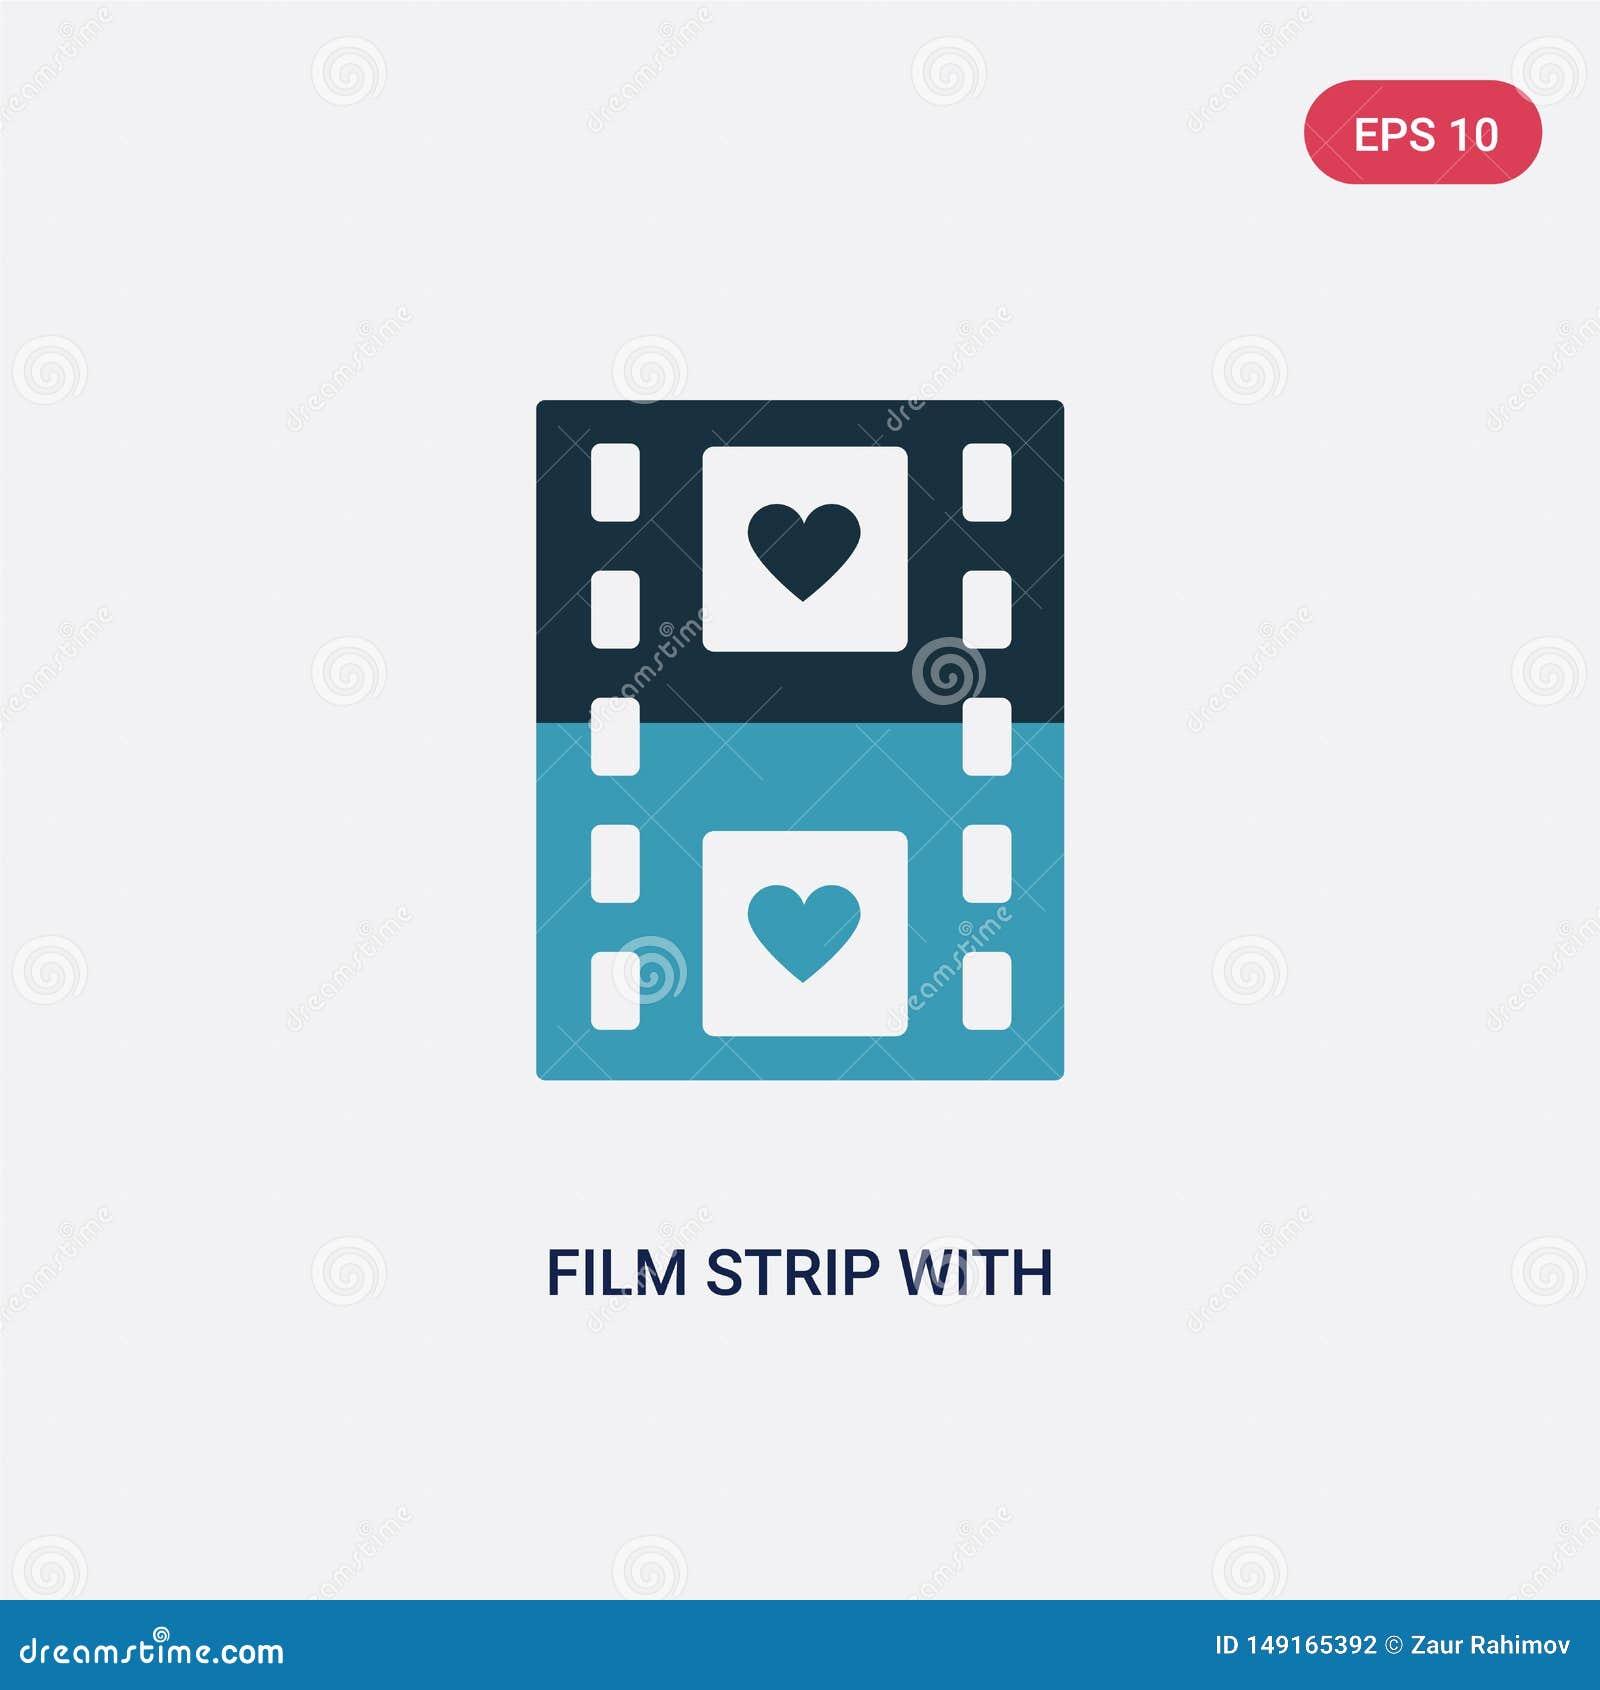 Прокладка 2 цветных пленок со значком вектора сердца от концепции форм изолированная голубая прокладка фильма с символом знака ве